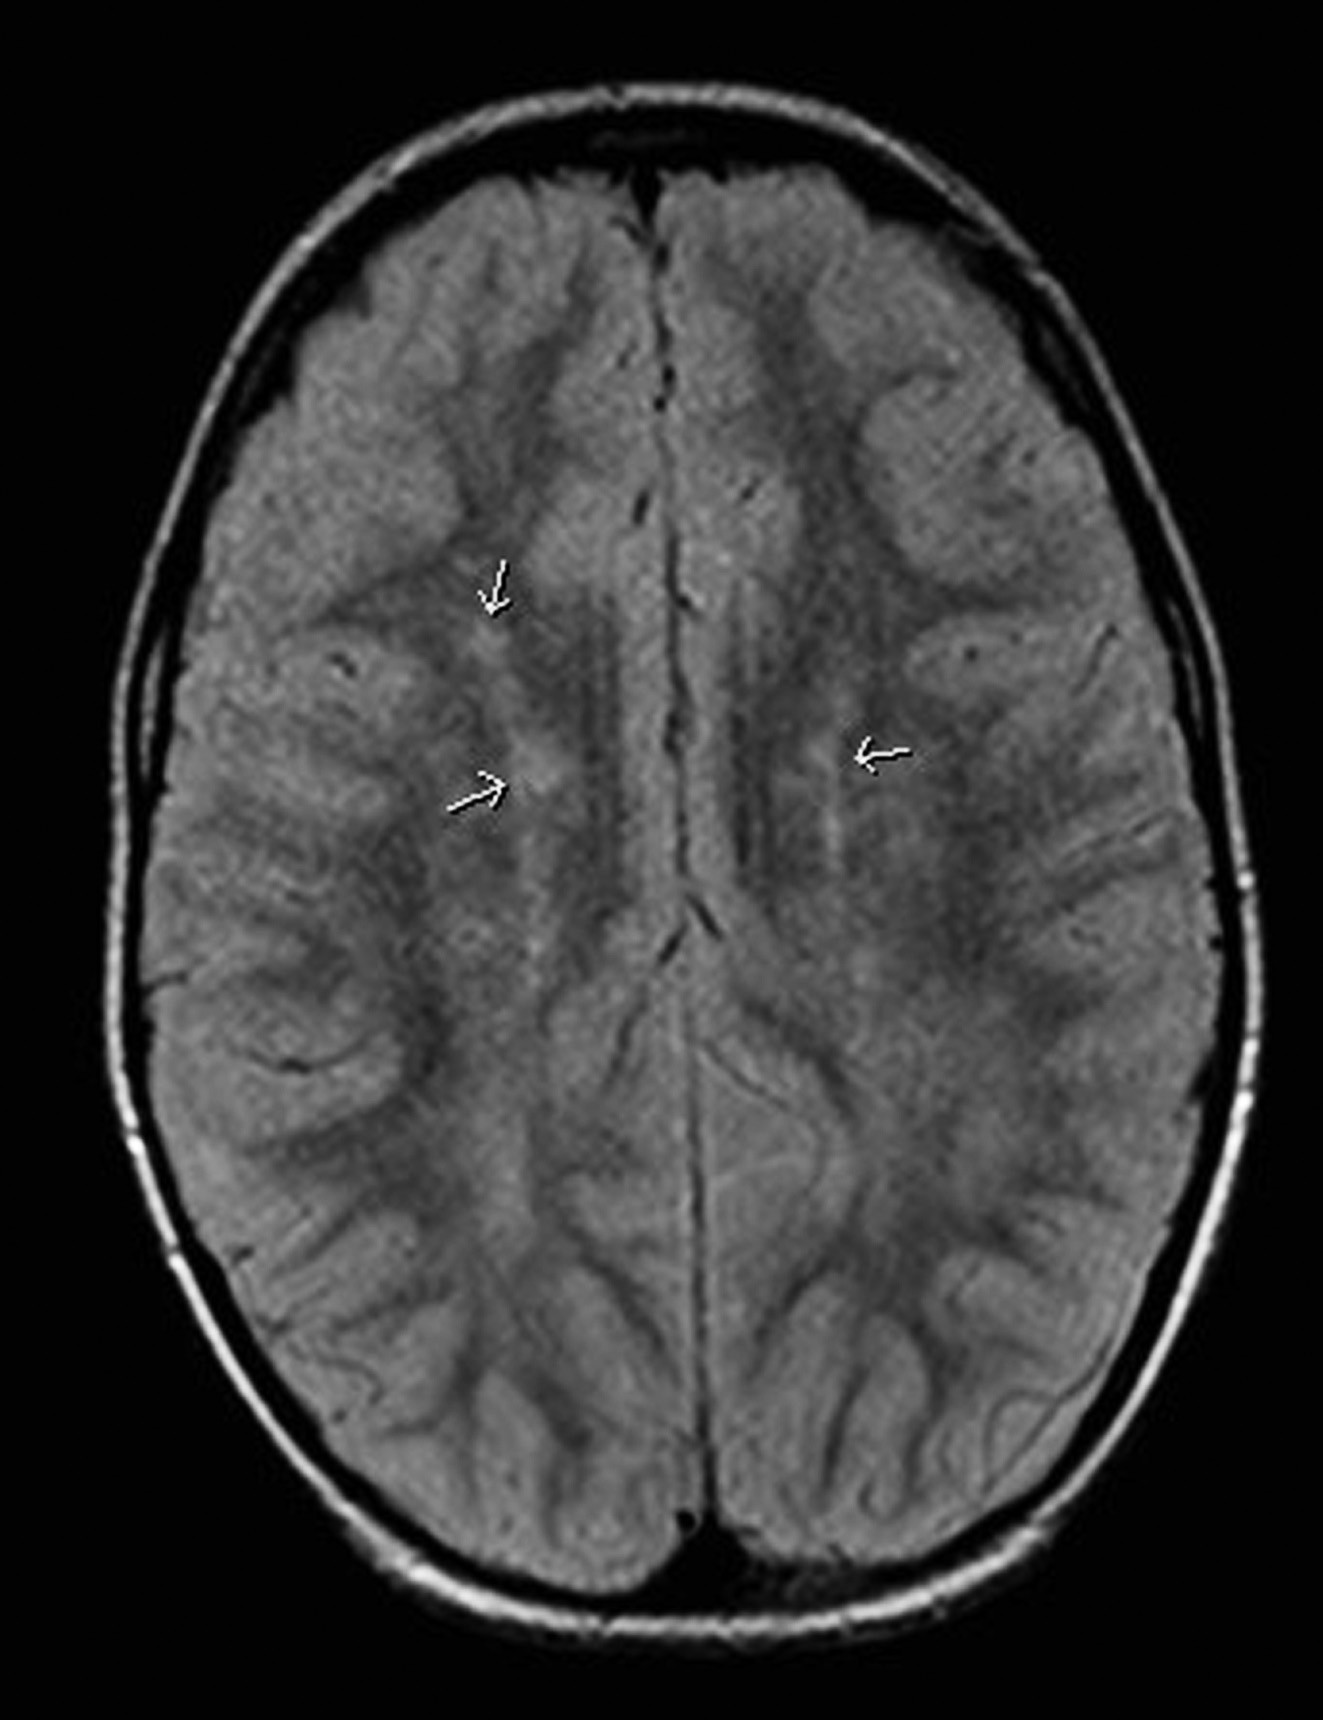 MR mozku, axiální zobrazení, FLAIR sekvence: Vyšetření v odstupu tří měsíců, v bílé hmotě mozku oboustranně frontoparietálně jsou stále přítomná hypersignální ložiska, ale jejich počet je redukován. Fig. 4. MR of the brain, axial representation, FLAIR sequence: examination after three months, hypersignal foci are still present in the brain white matter bilaterally in the frontal parietal representation, but their number is reduced.